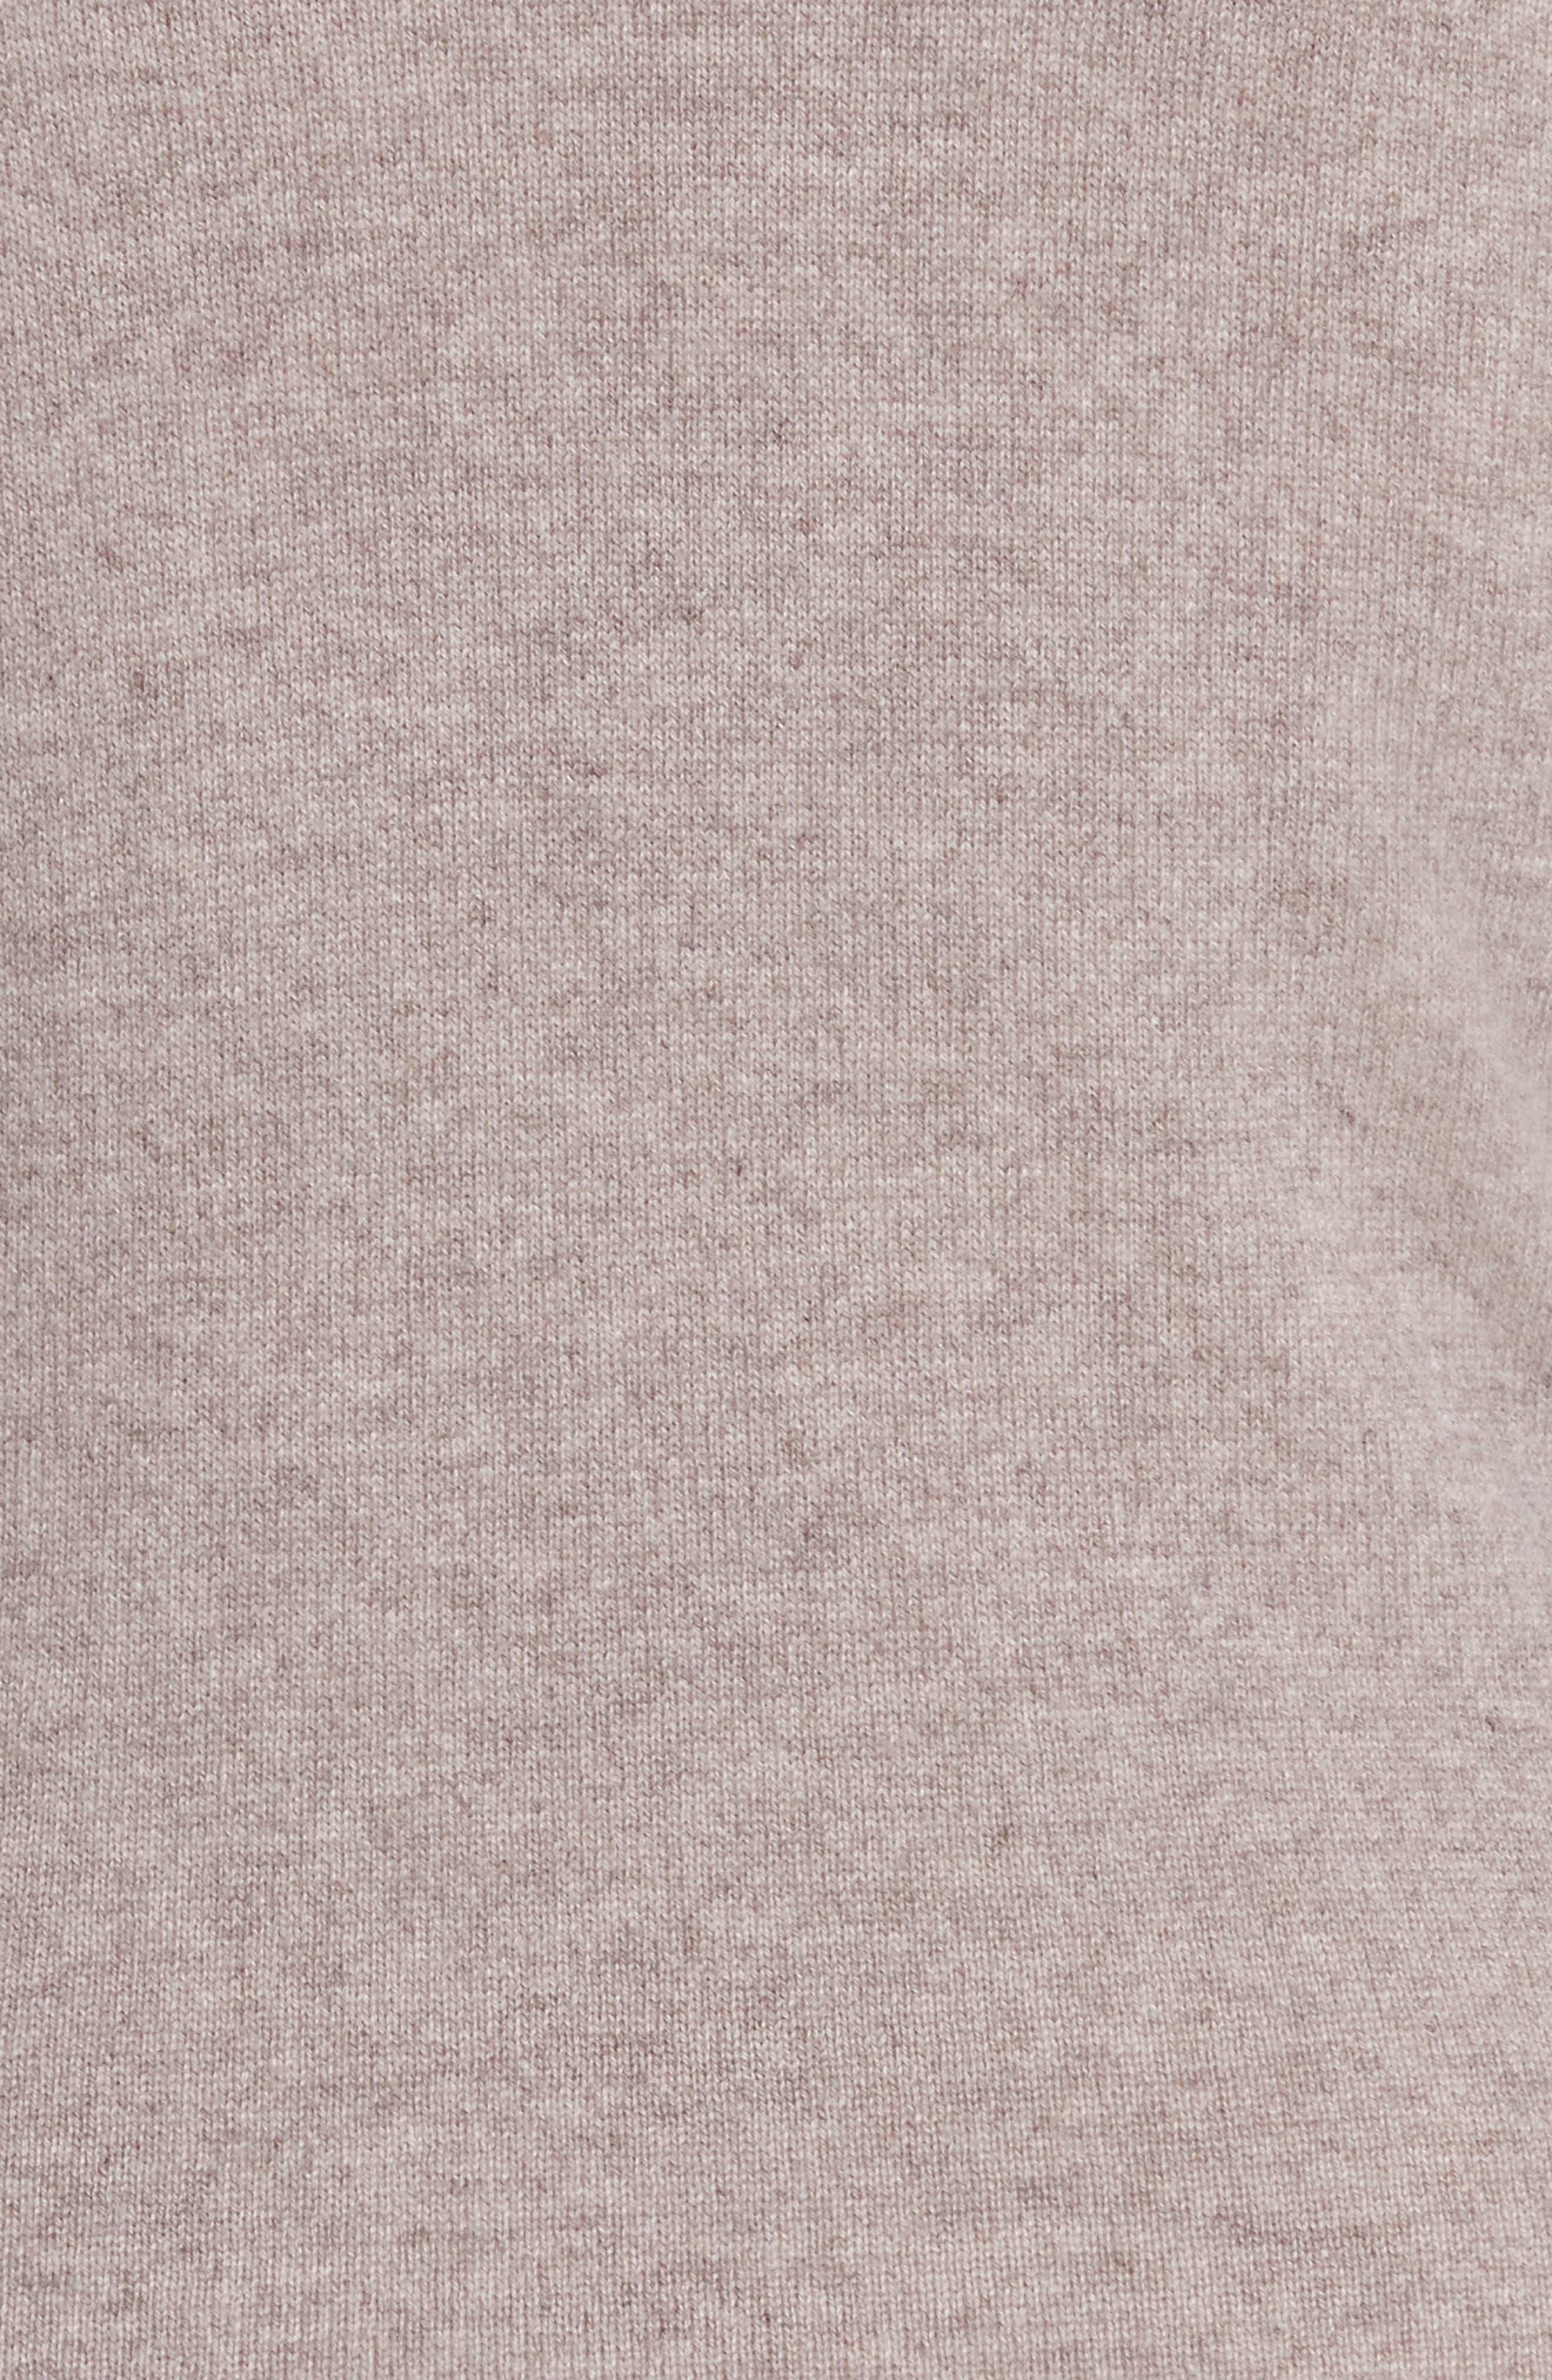 Cashmere Cold Shoulder Turtleneck Sweater Dress,                             Alternate thumbnail 10, color,